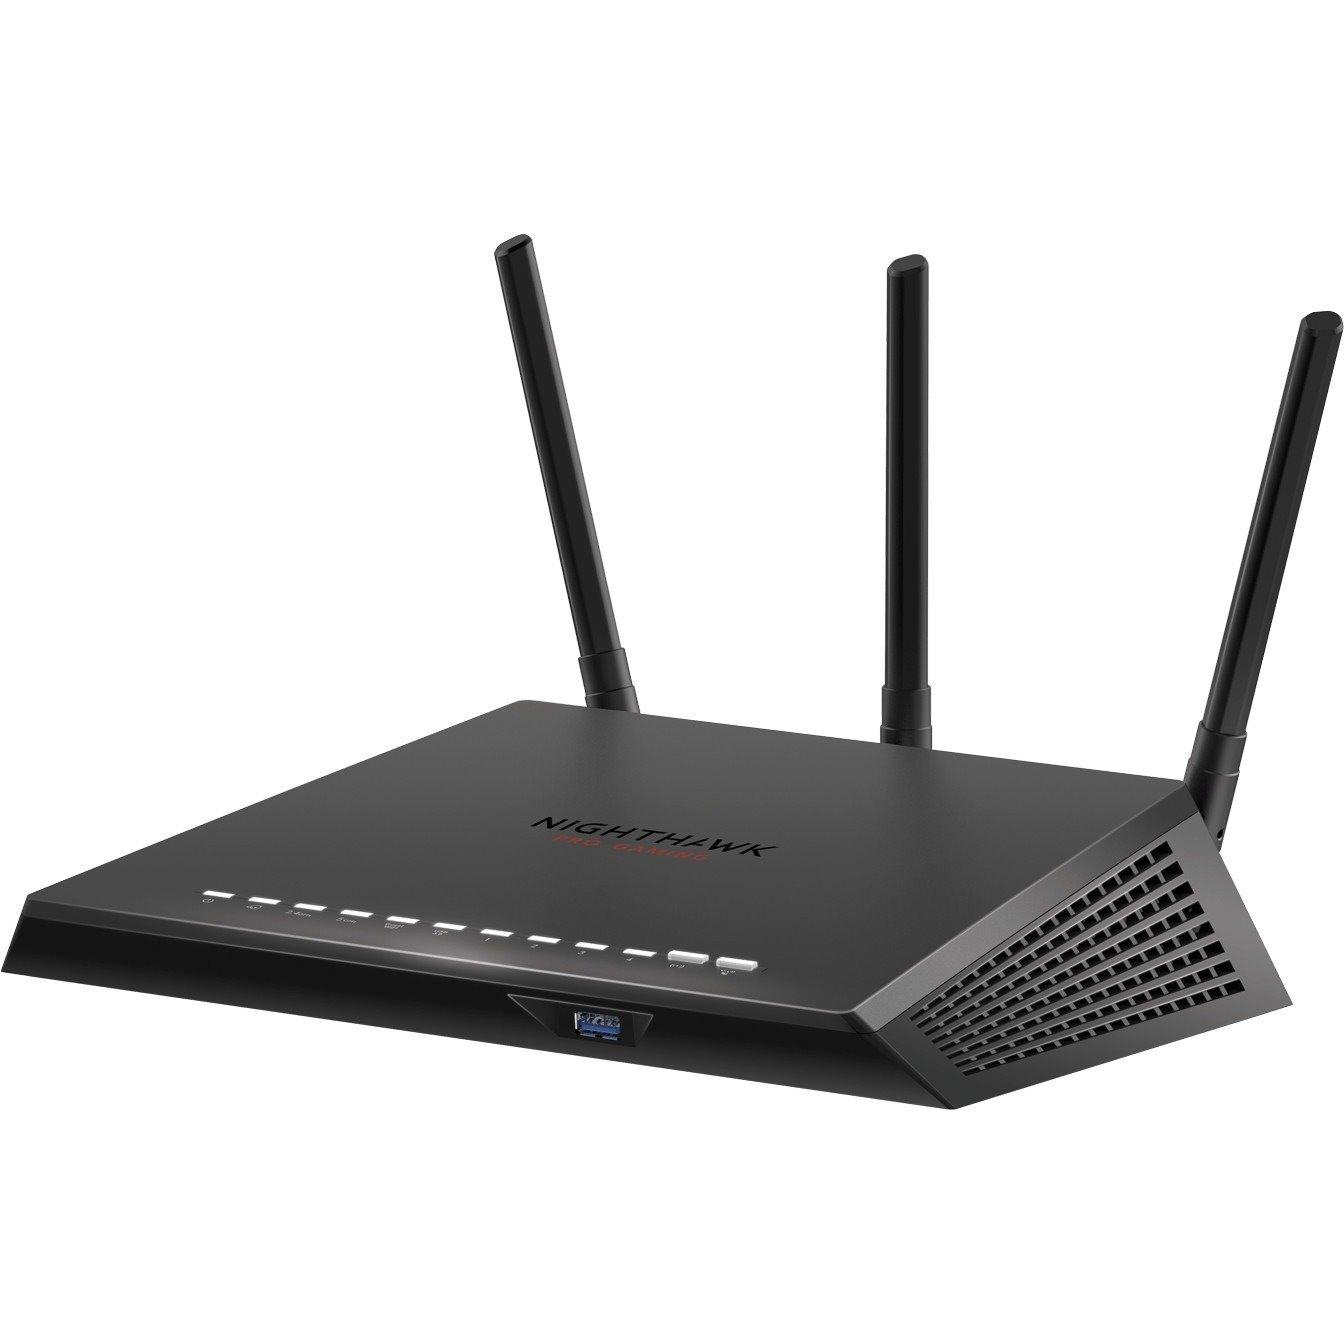 Netgear Nighthawk Pro Gaming XR300 IEEE 802.11ac Ethernet Wireless Router